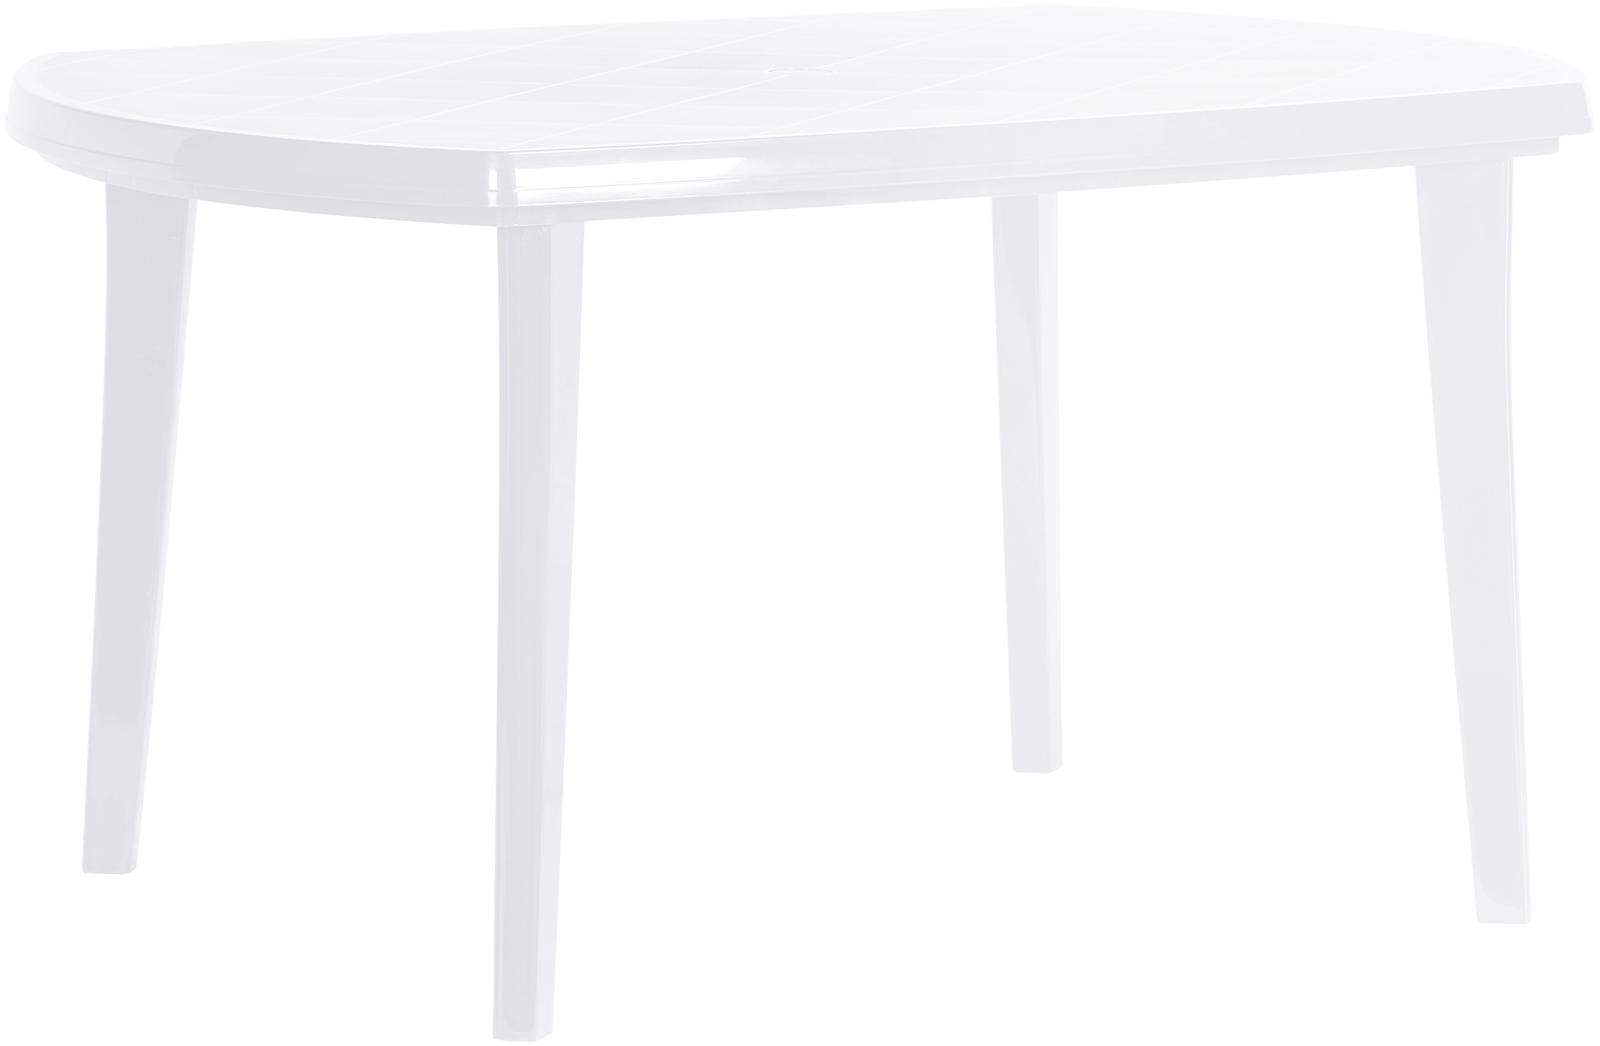 Záhradný stôl - Allibert - Elise white